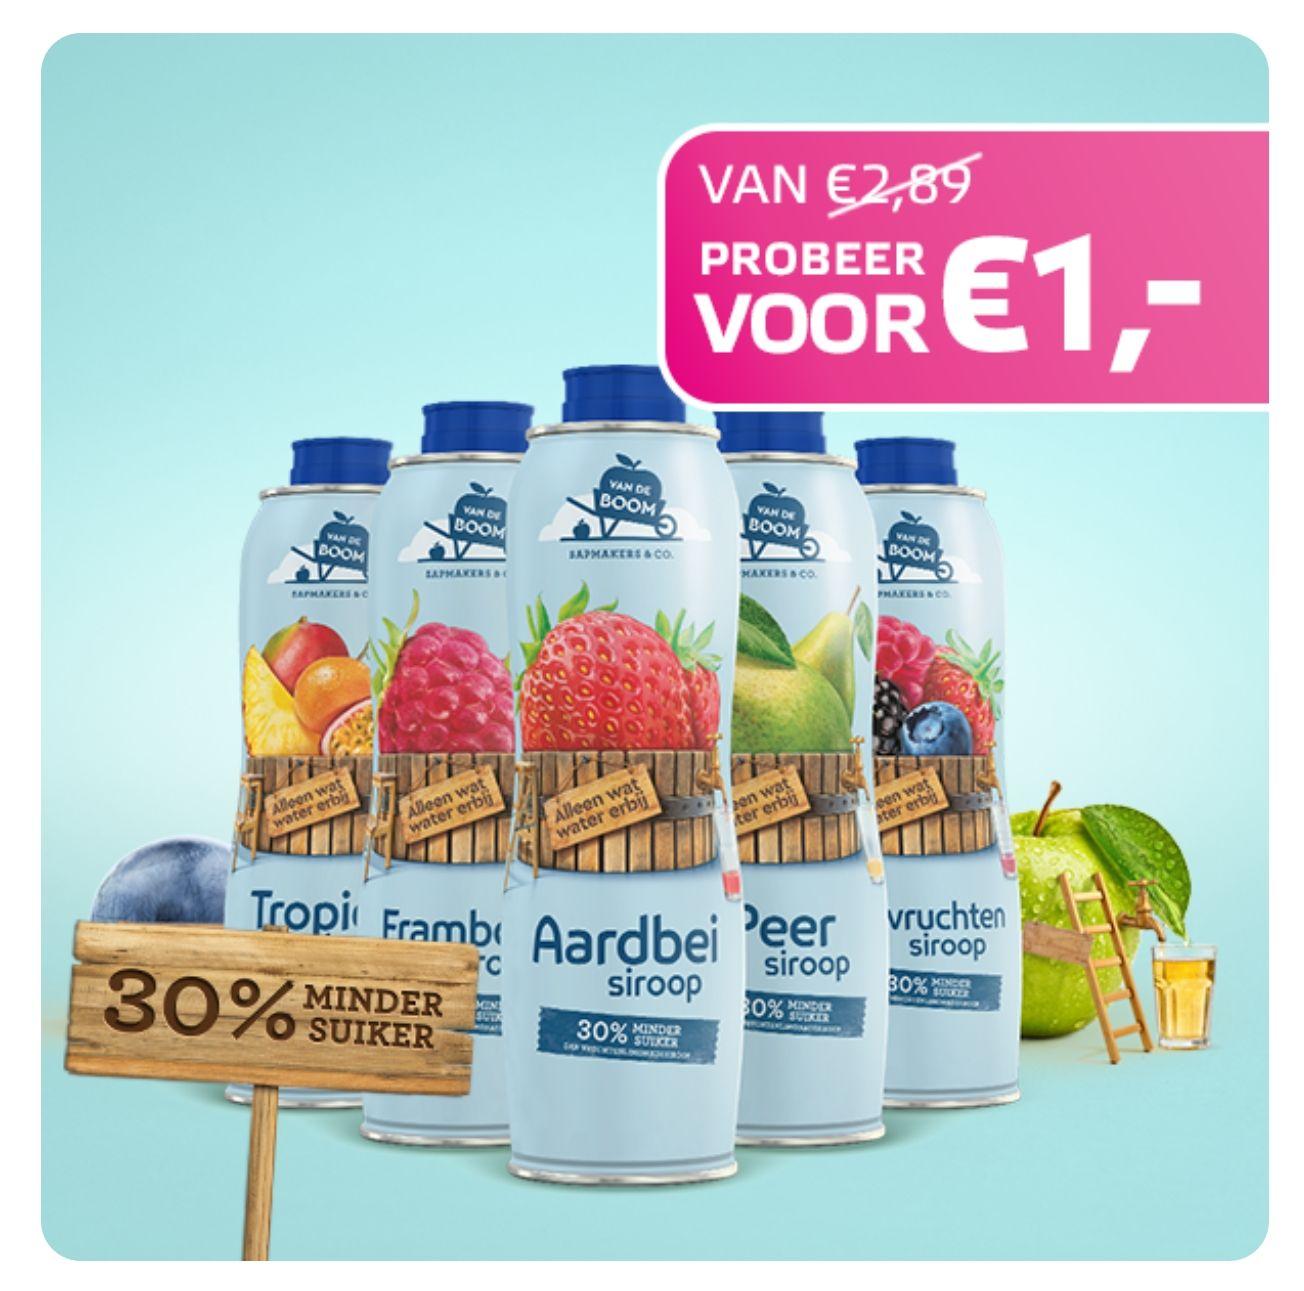 Van De Boom Siroop van €2,89 voor €1 @Scoupy